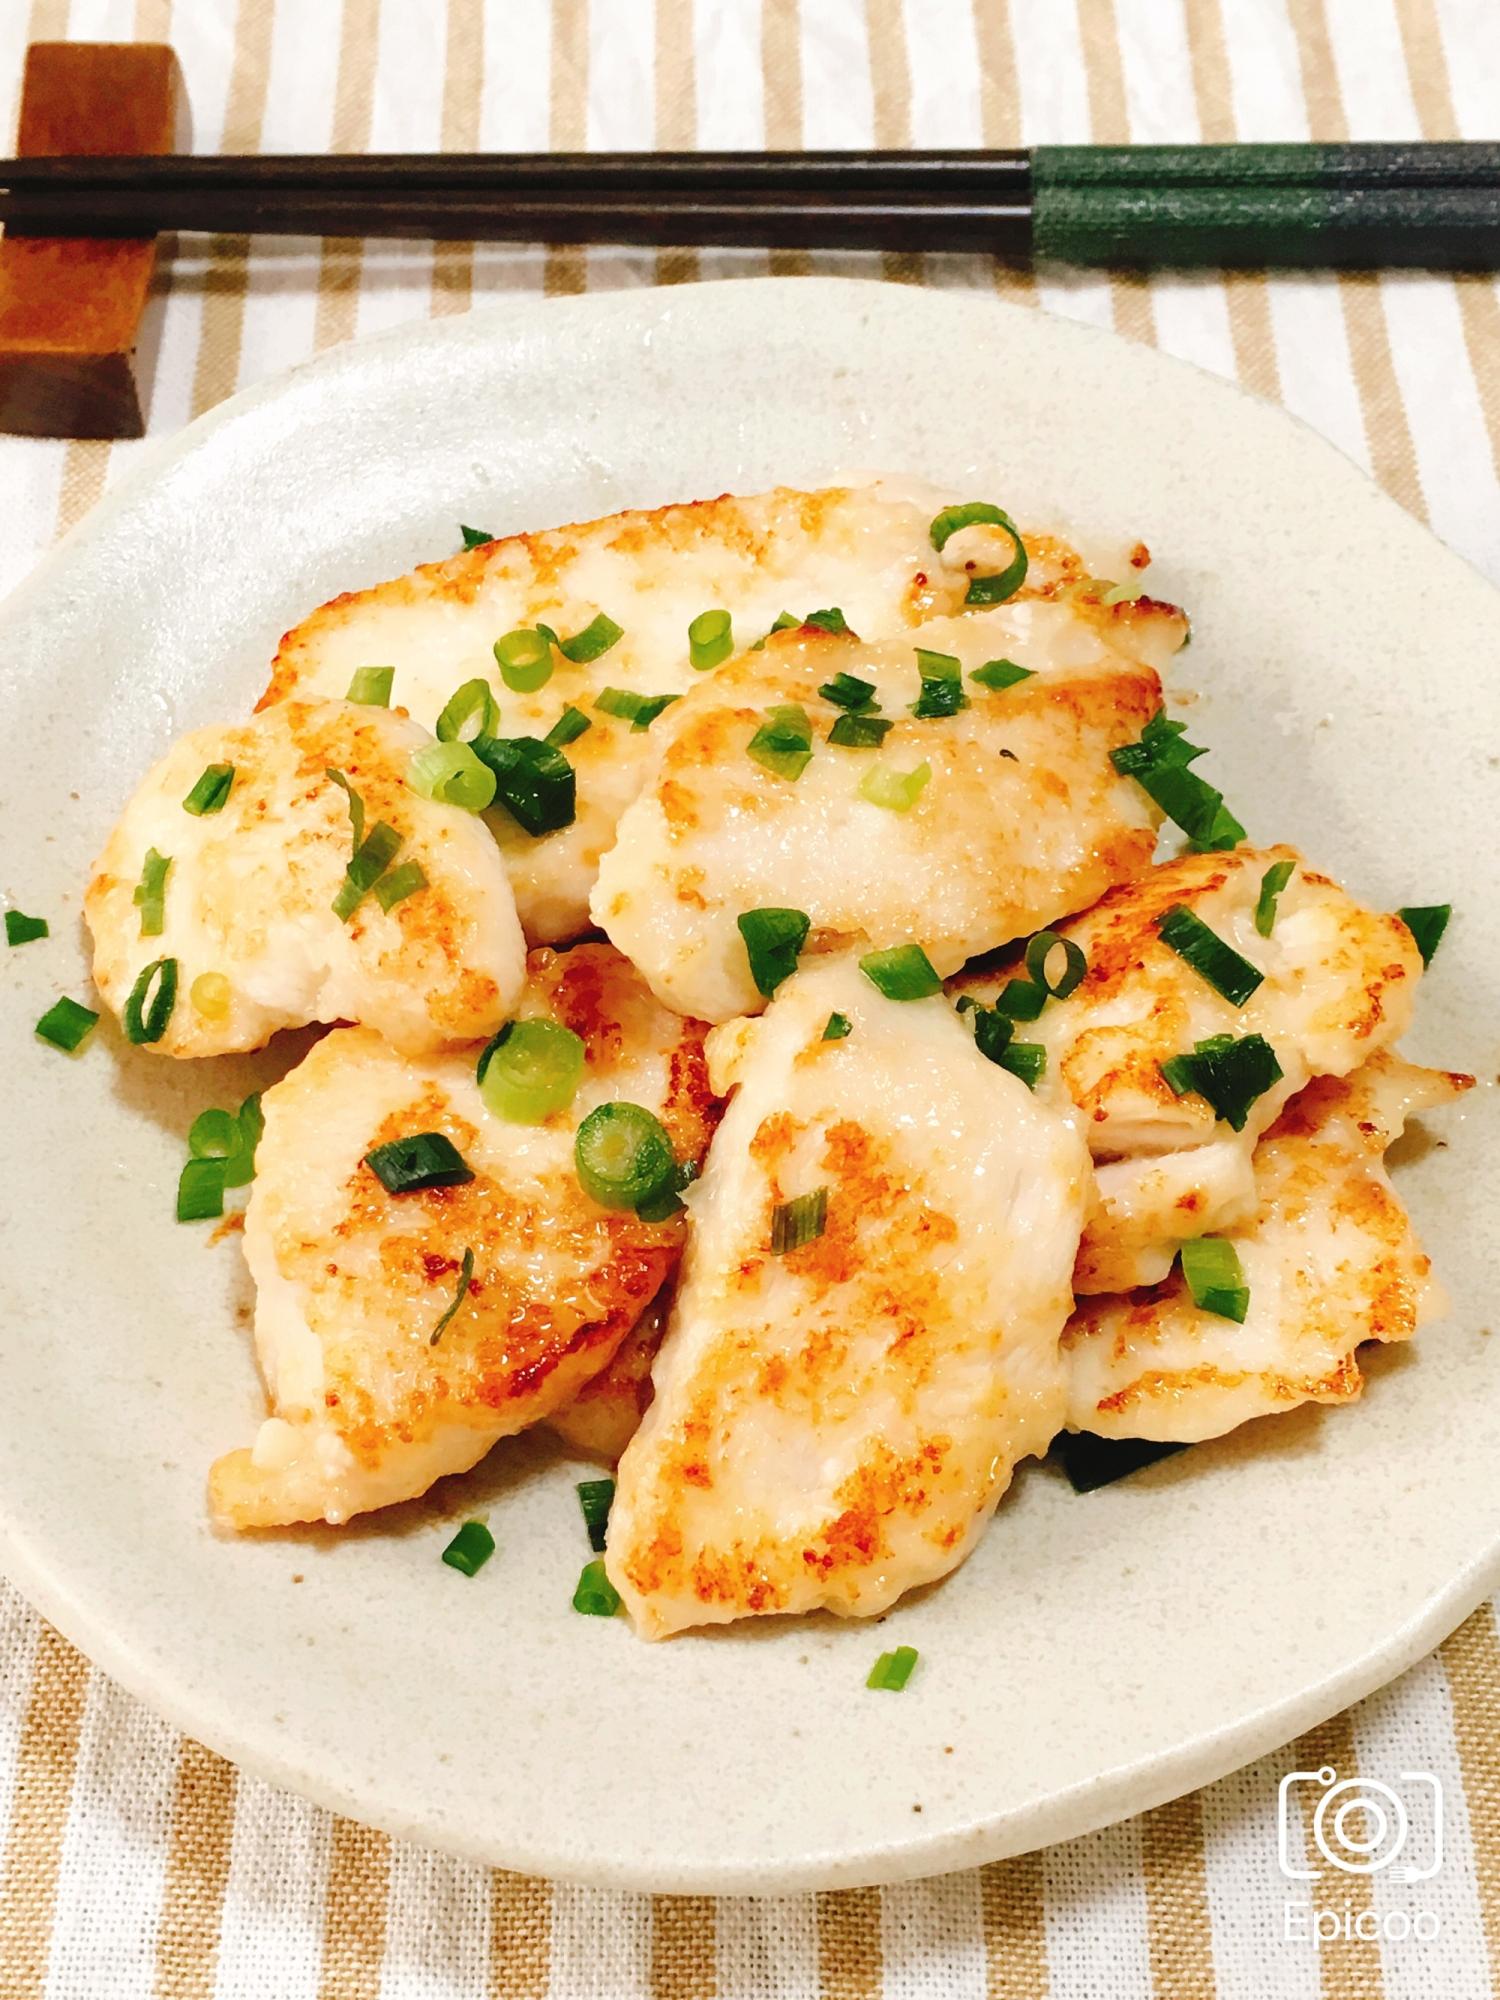 柔らか鶏胸肉の揉むだけ簡単塩マヨ焼き レシピ・作り方